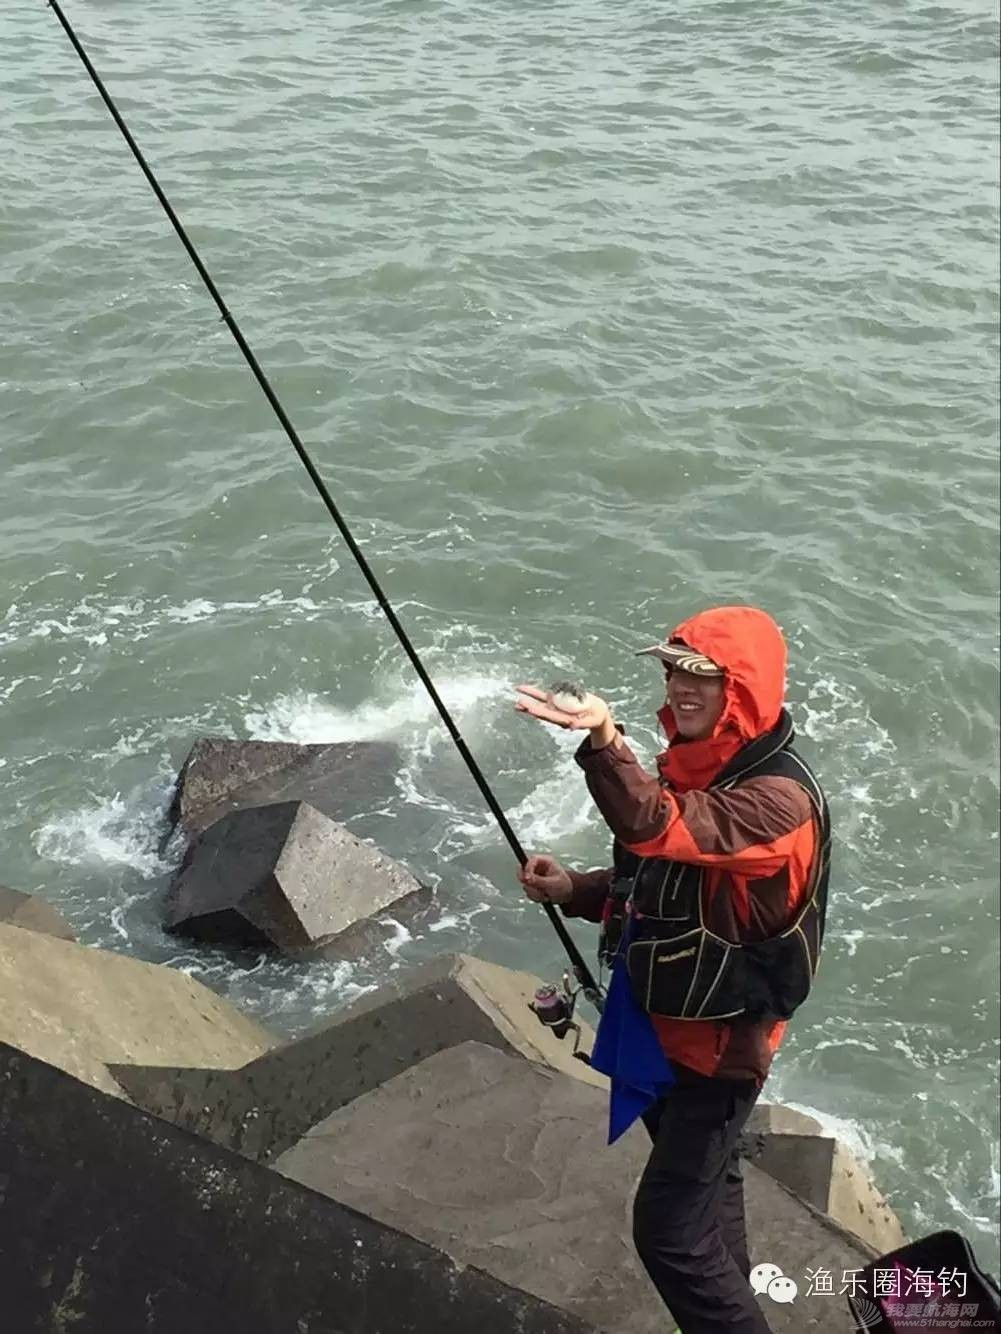 据说,会钓鱼的男人都很优秀.w4.jpg